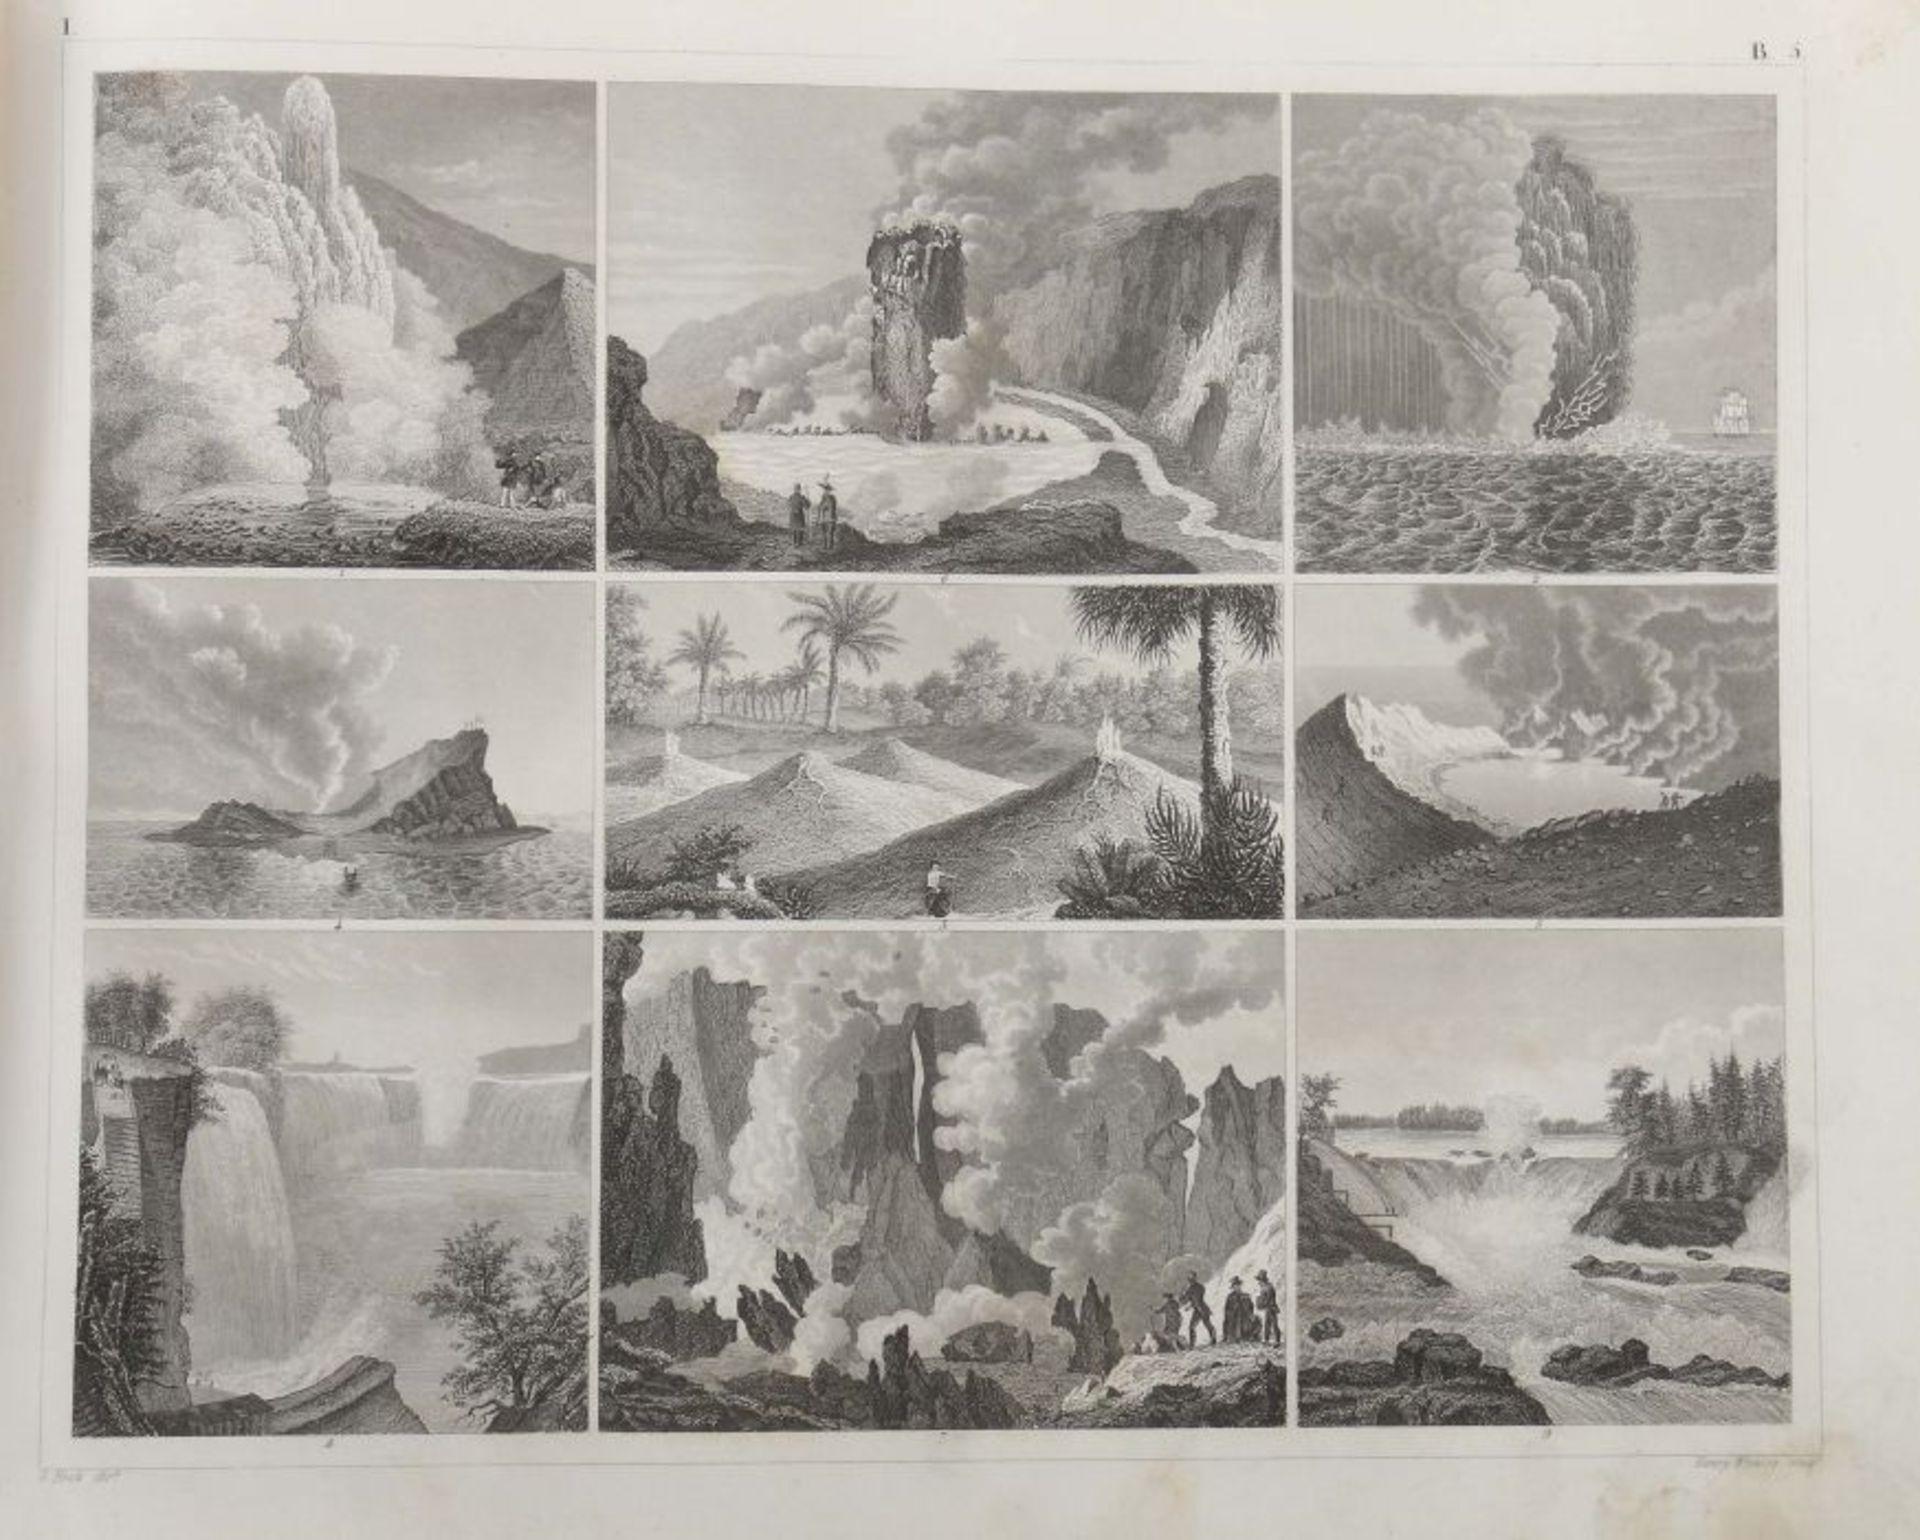 Heck, Johann Georg (bearb.) Bilder-Atlas zum Conversations-Lexikon - Ikonographische Encyklopädie - Bild 5 aus 7